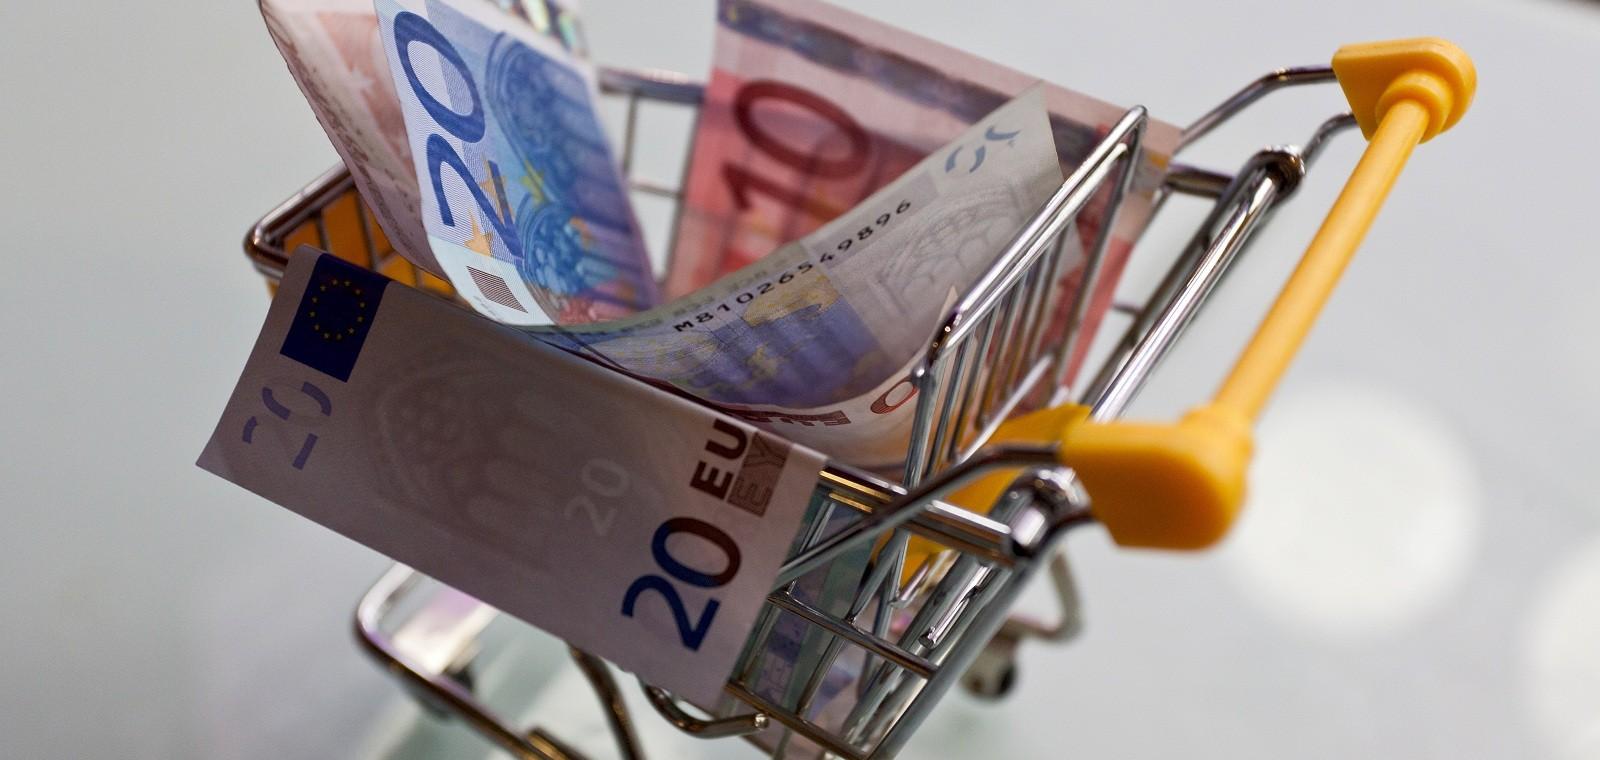 Credito al consumo senza il consumo, come recuperare i soldi versati